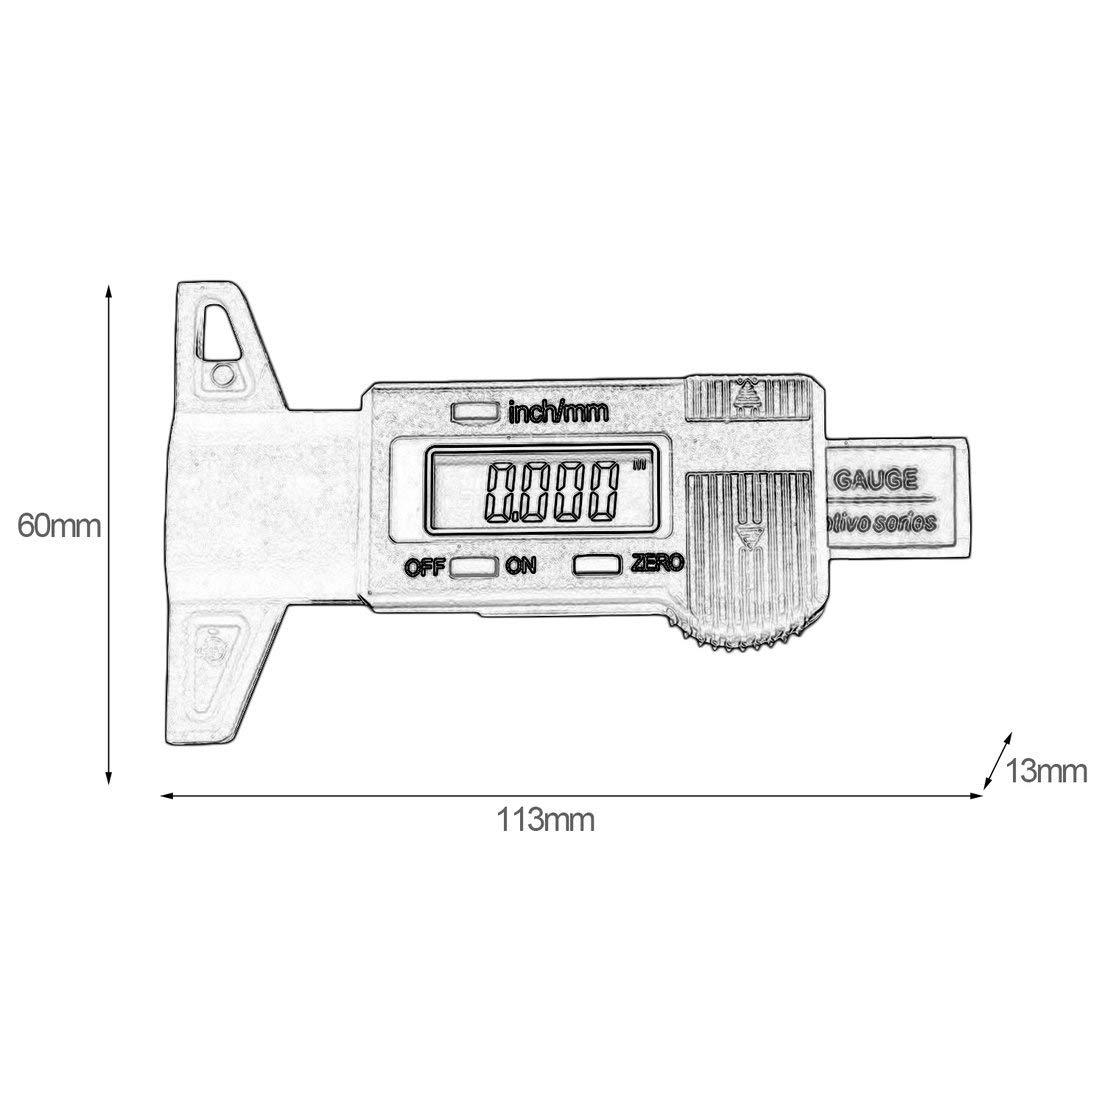 MagiDeal Digital Tire Tread Depth Gauge LCD Display Digital Depth Gauge Tyre Tire Tread Brake Pad Shoe Wear 0-25mm